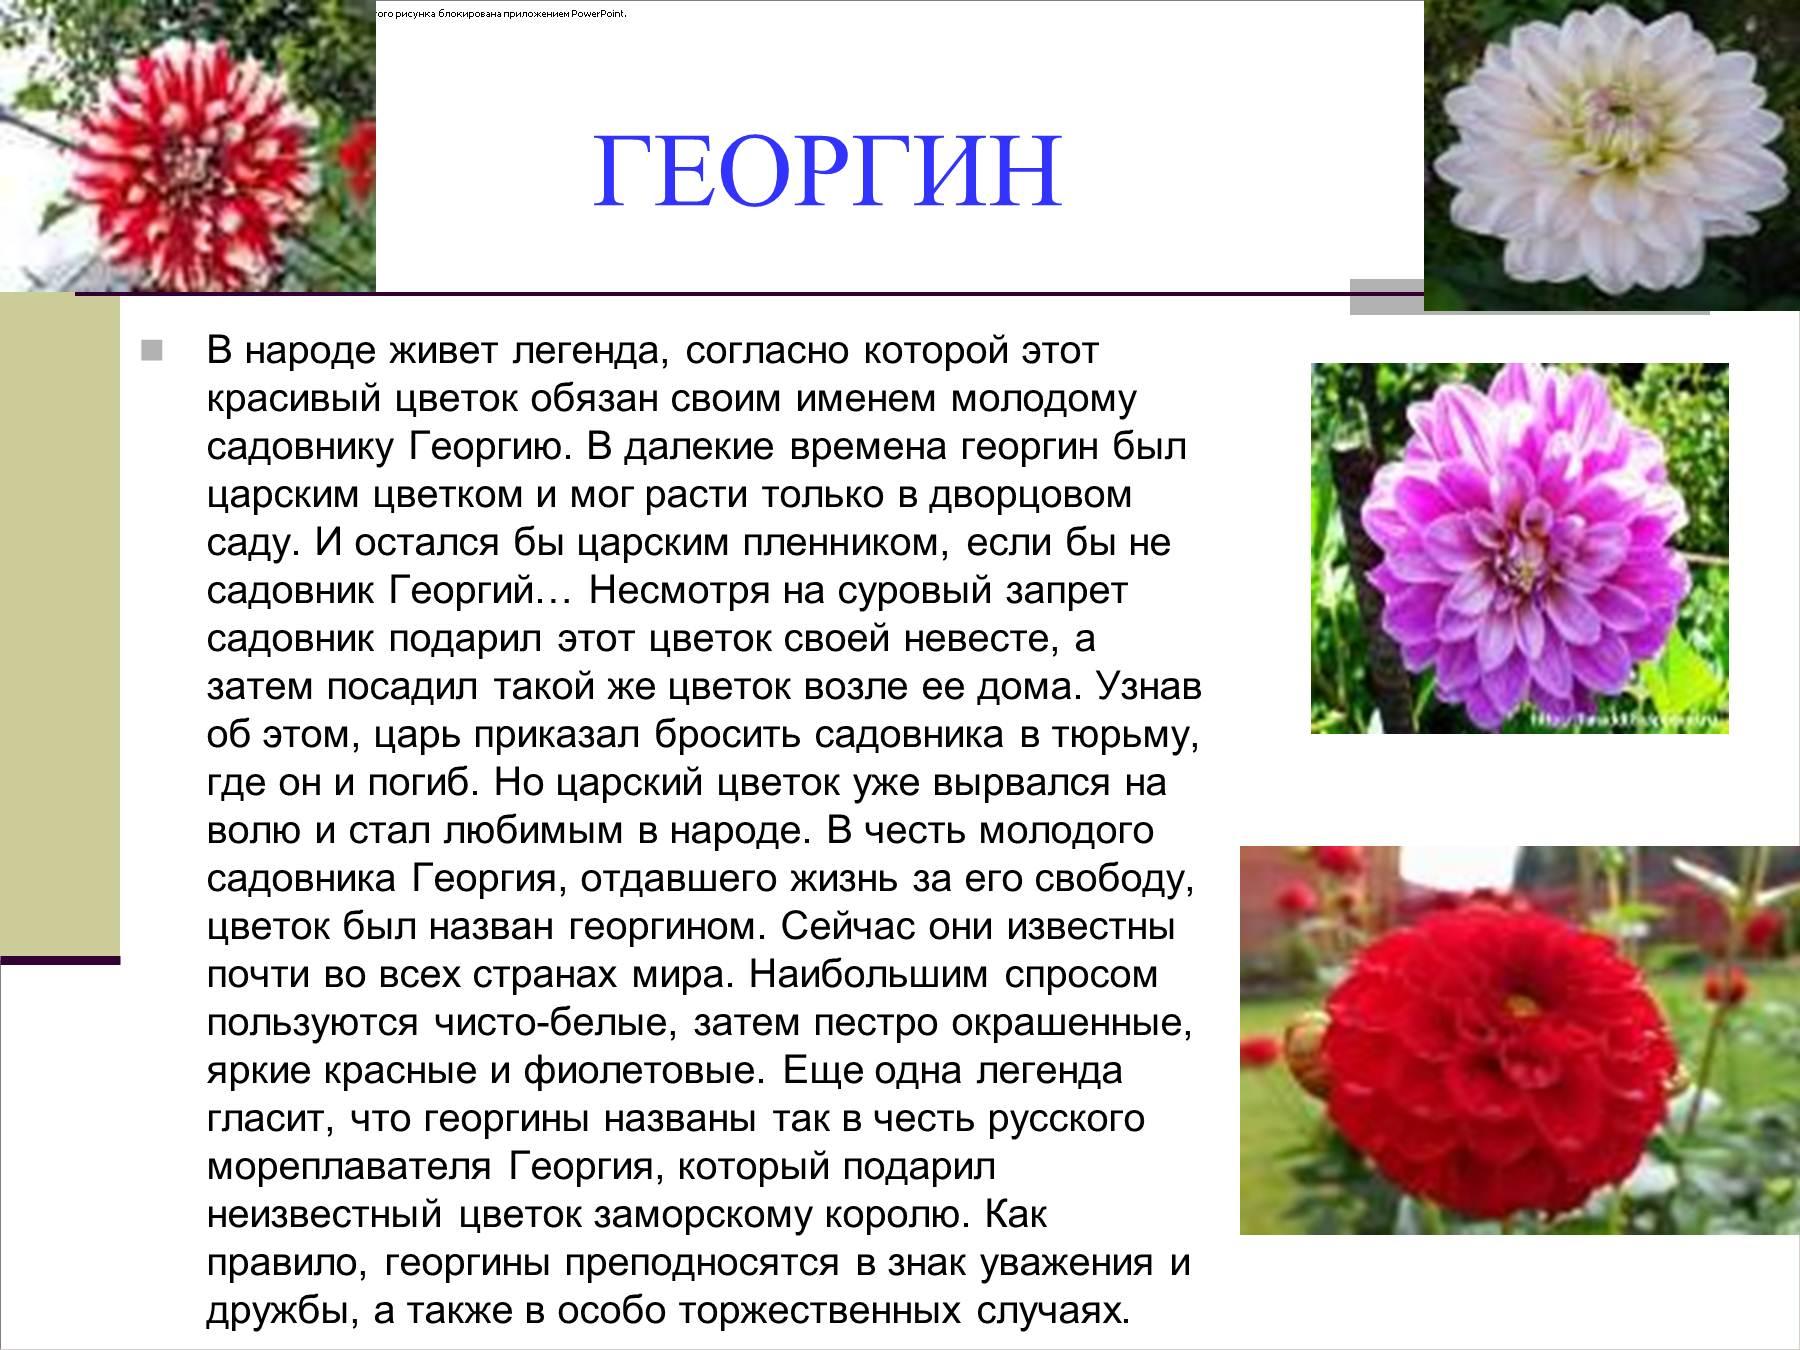 Фото и краткая информация о цветах